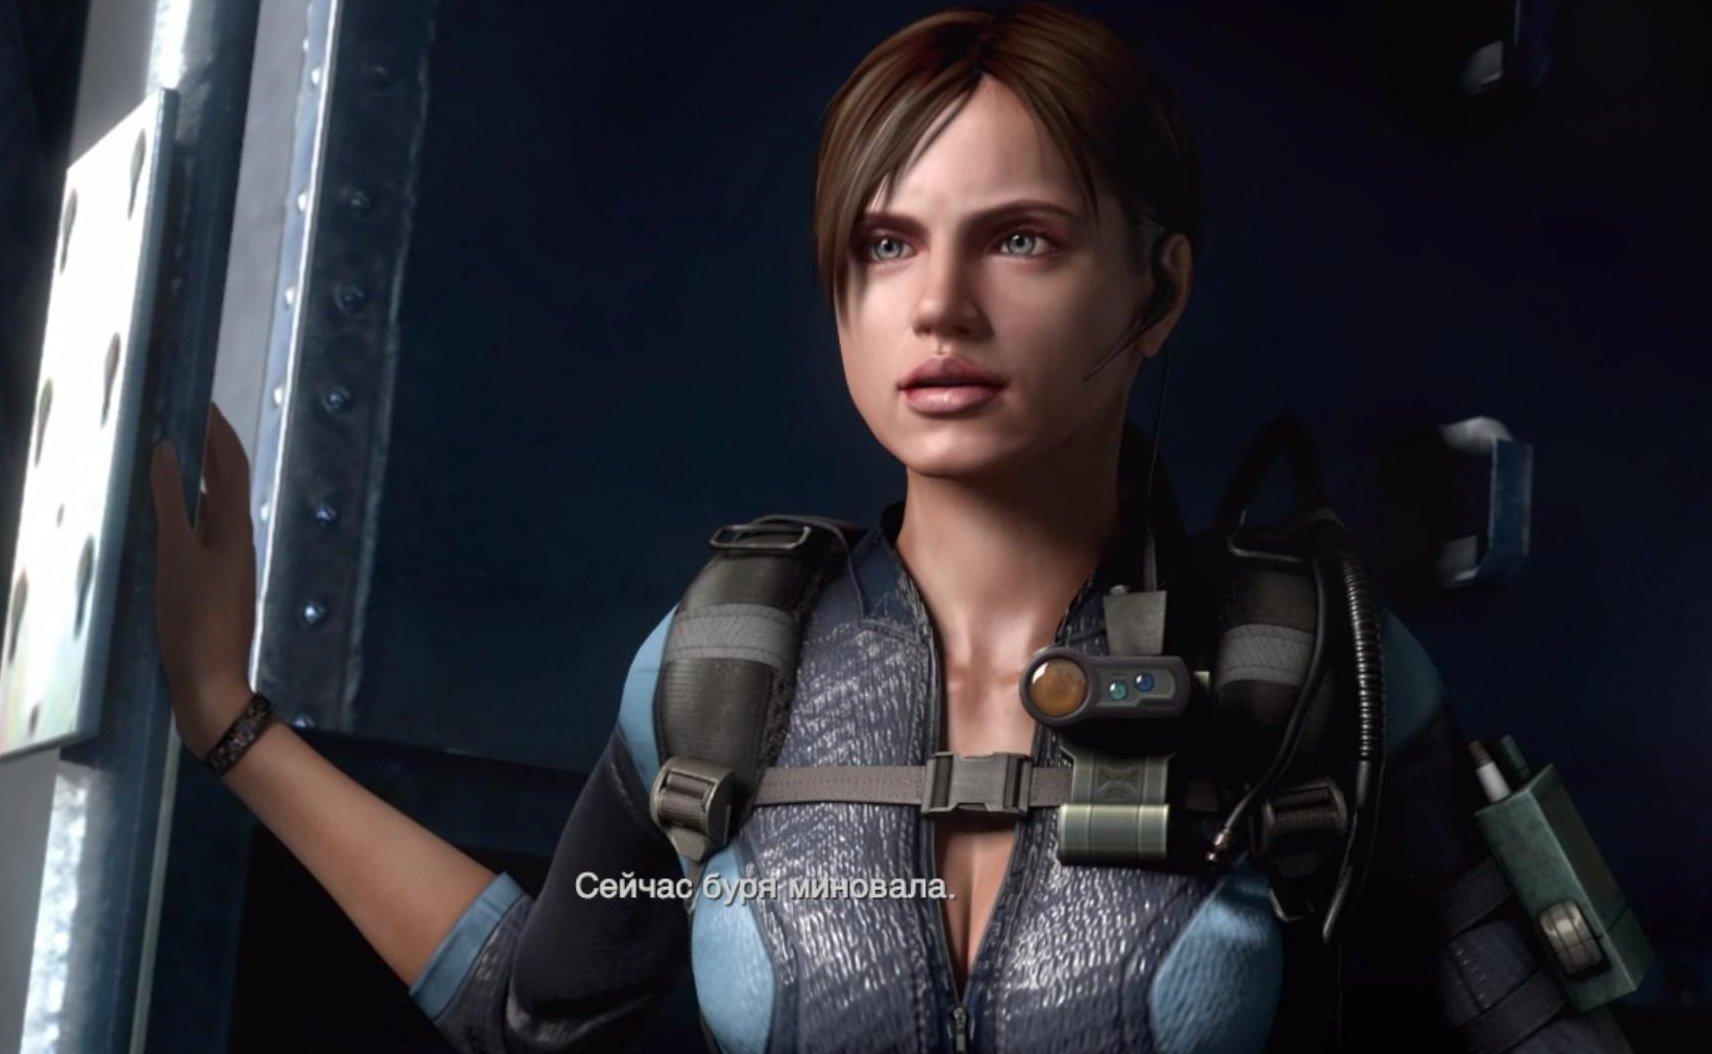 Скачать скин Джилл Валентайн (Jill Valentine) для CS:GO (Модель спецназовца на игрока)